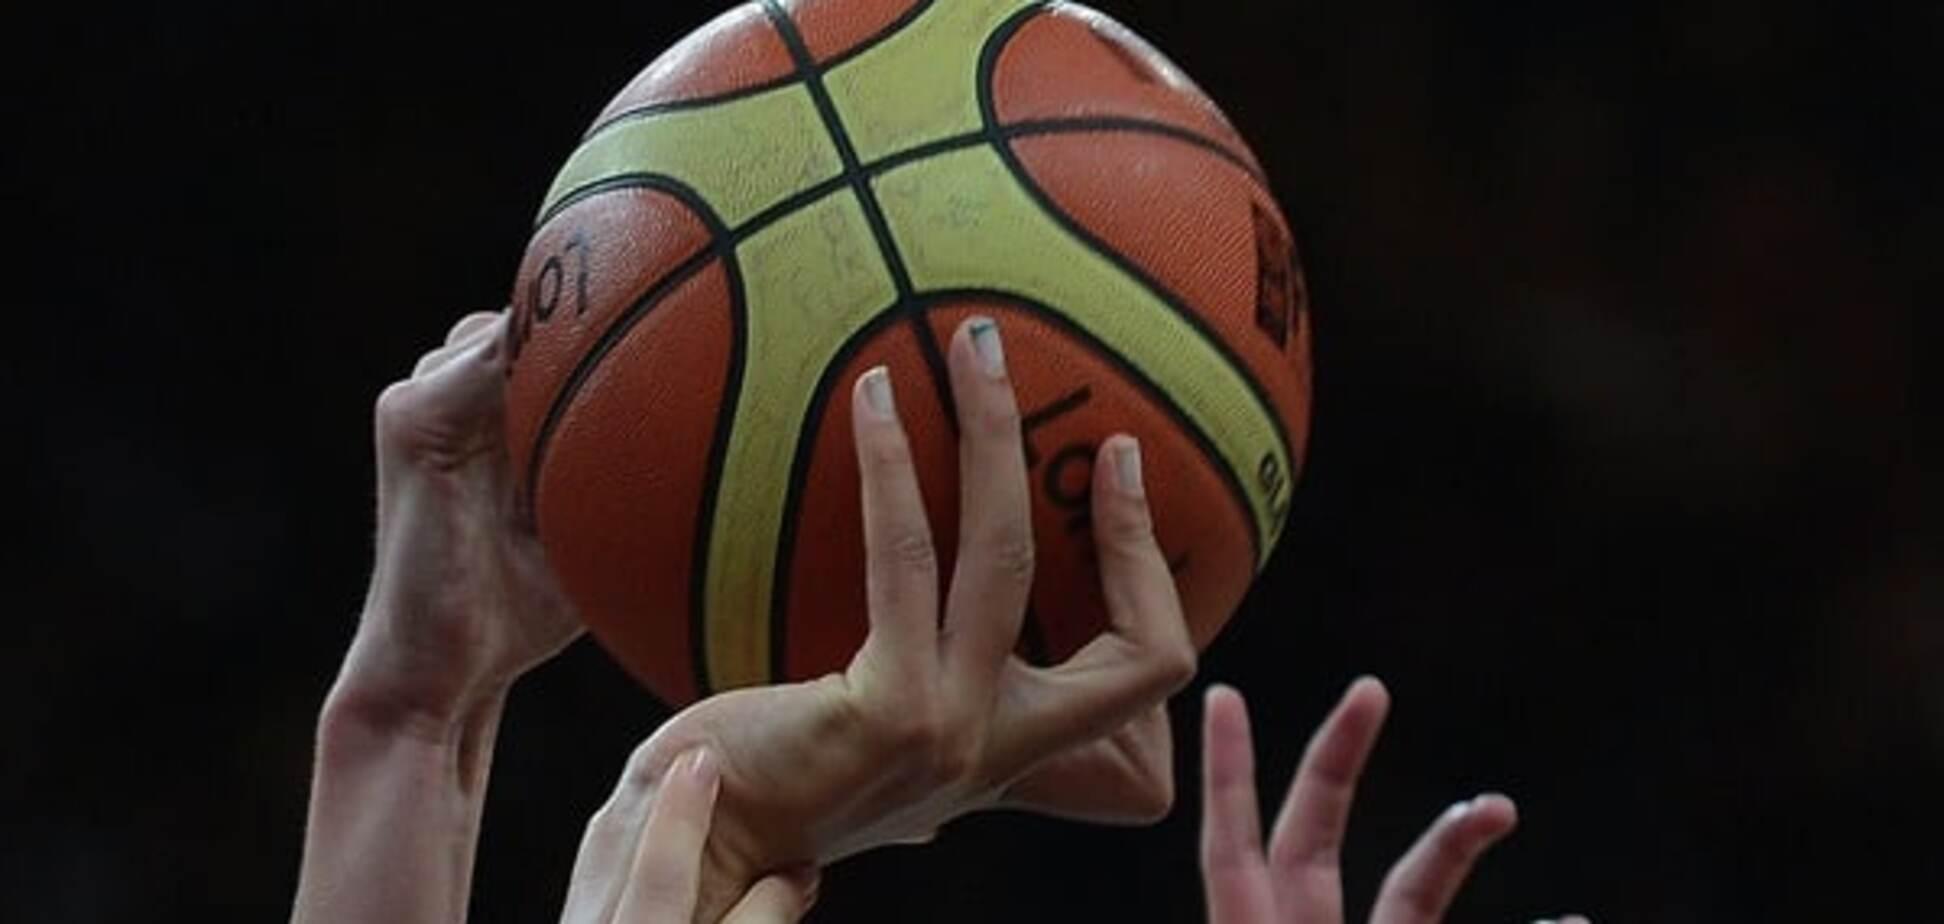 Украина получила шанс сыграть на чемпионате мира по баскетболу 3х3